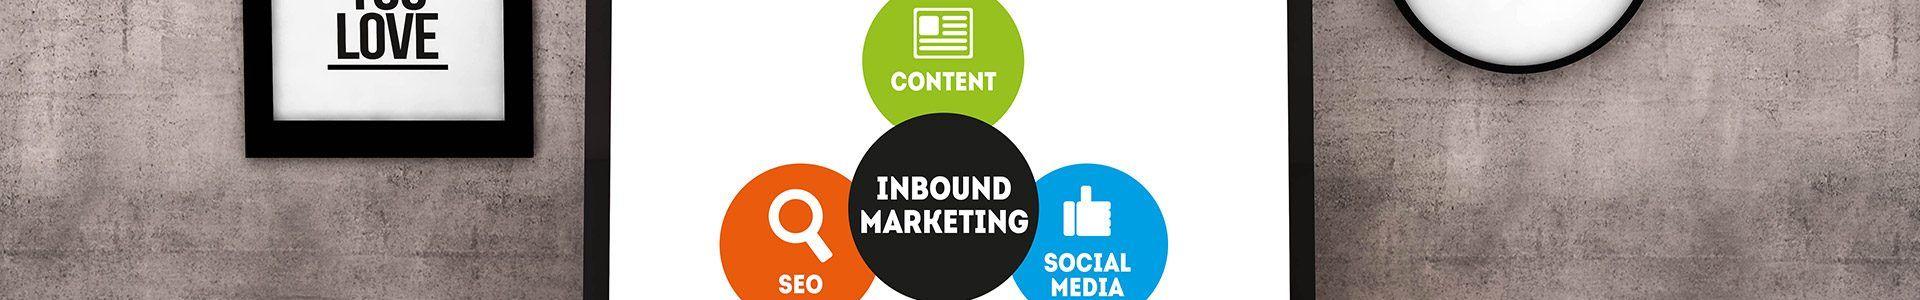 hoe-hubspot-werkt-voor-jouw-inbound-marketing